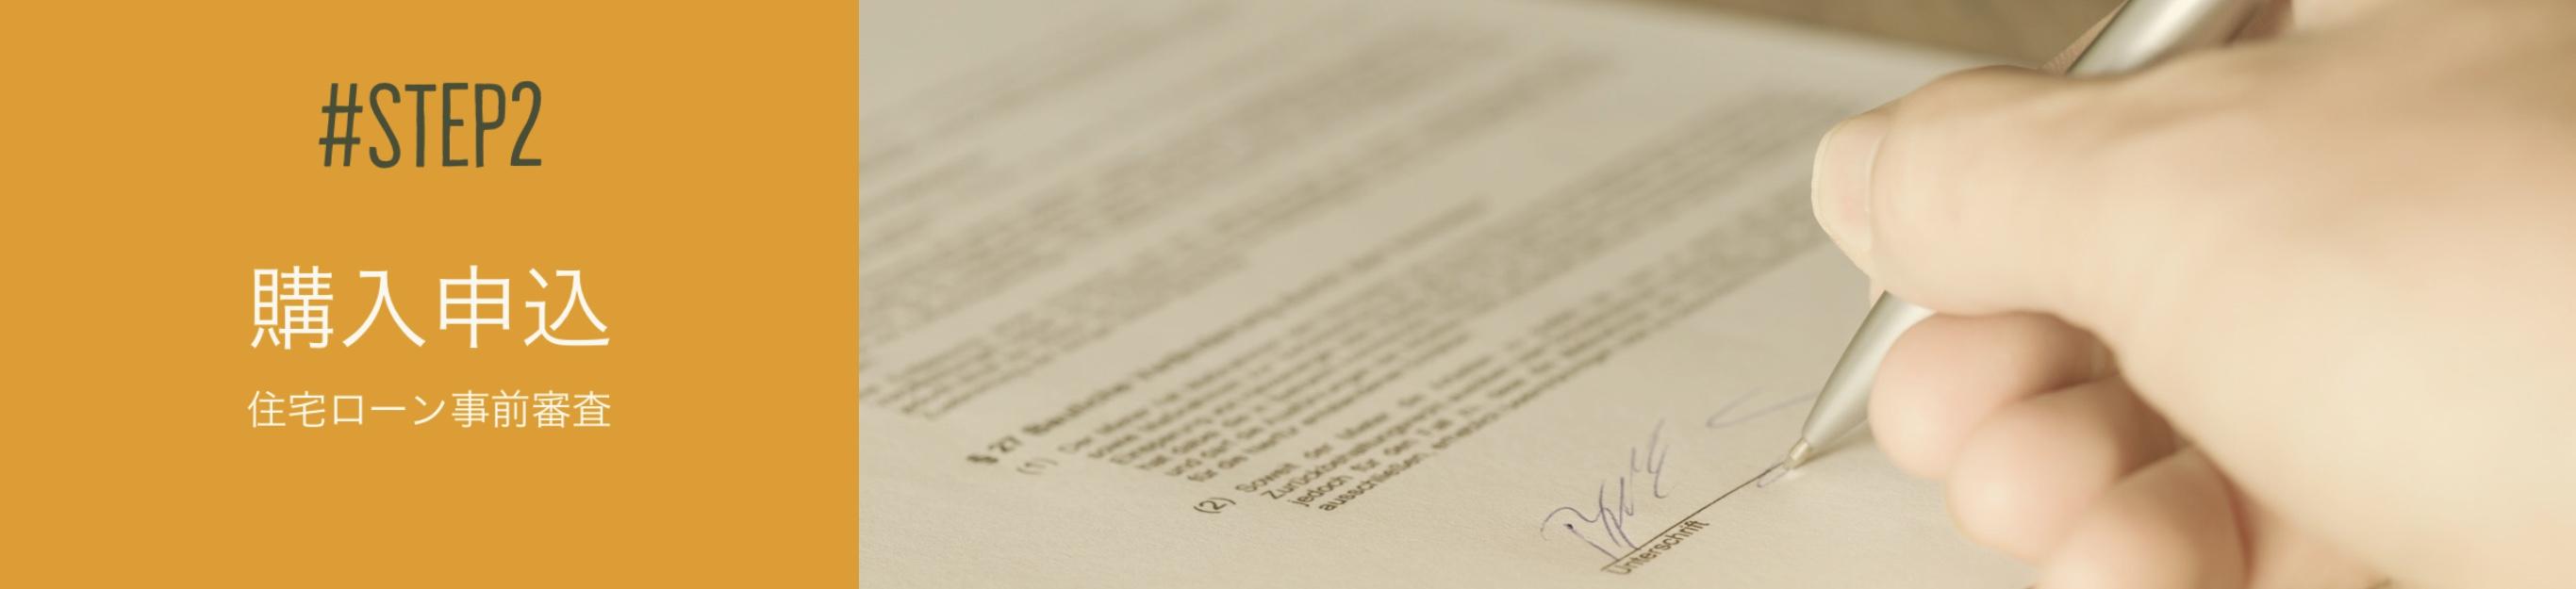 物件の購入申込の提出・住宅ローンの事前審査